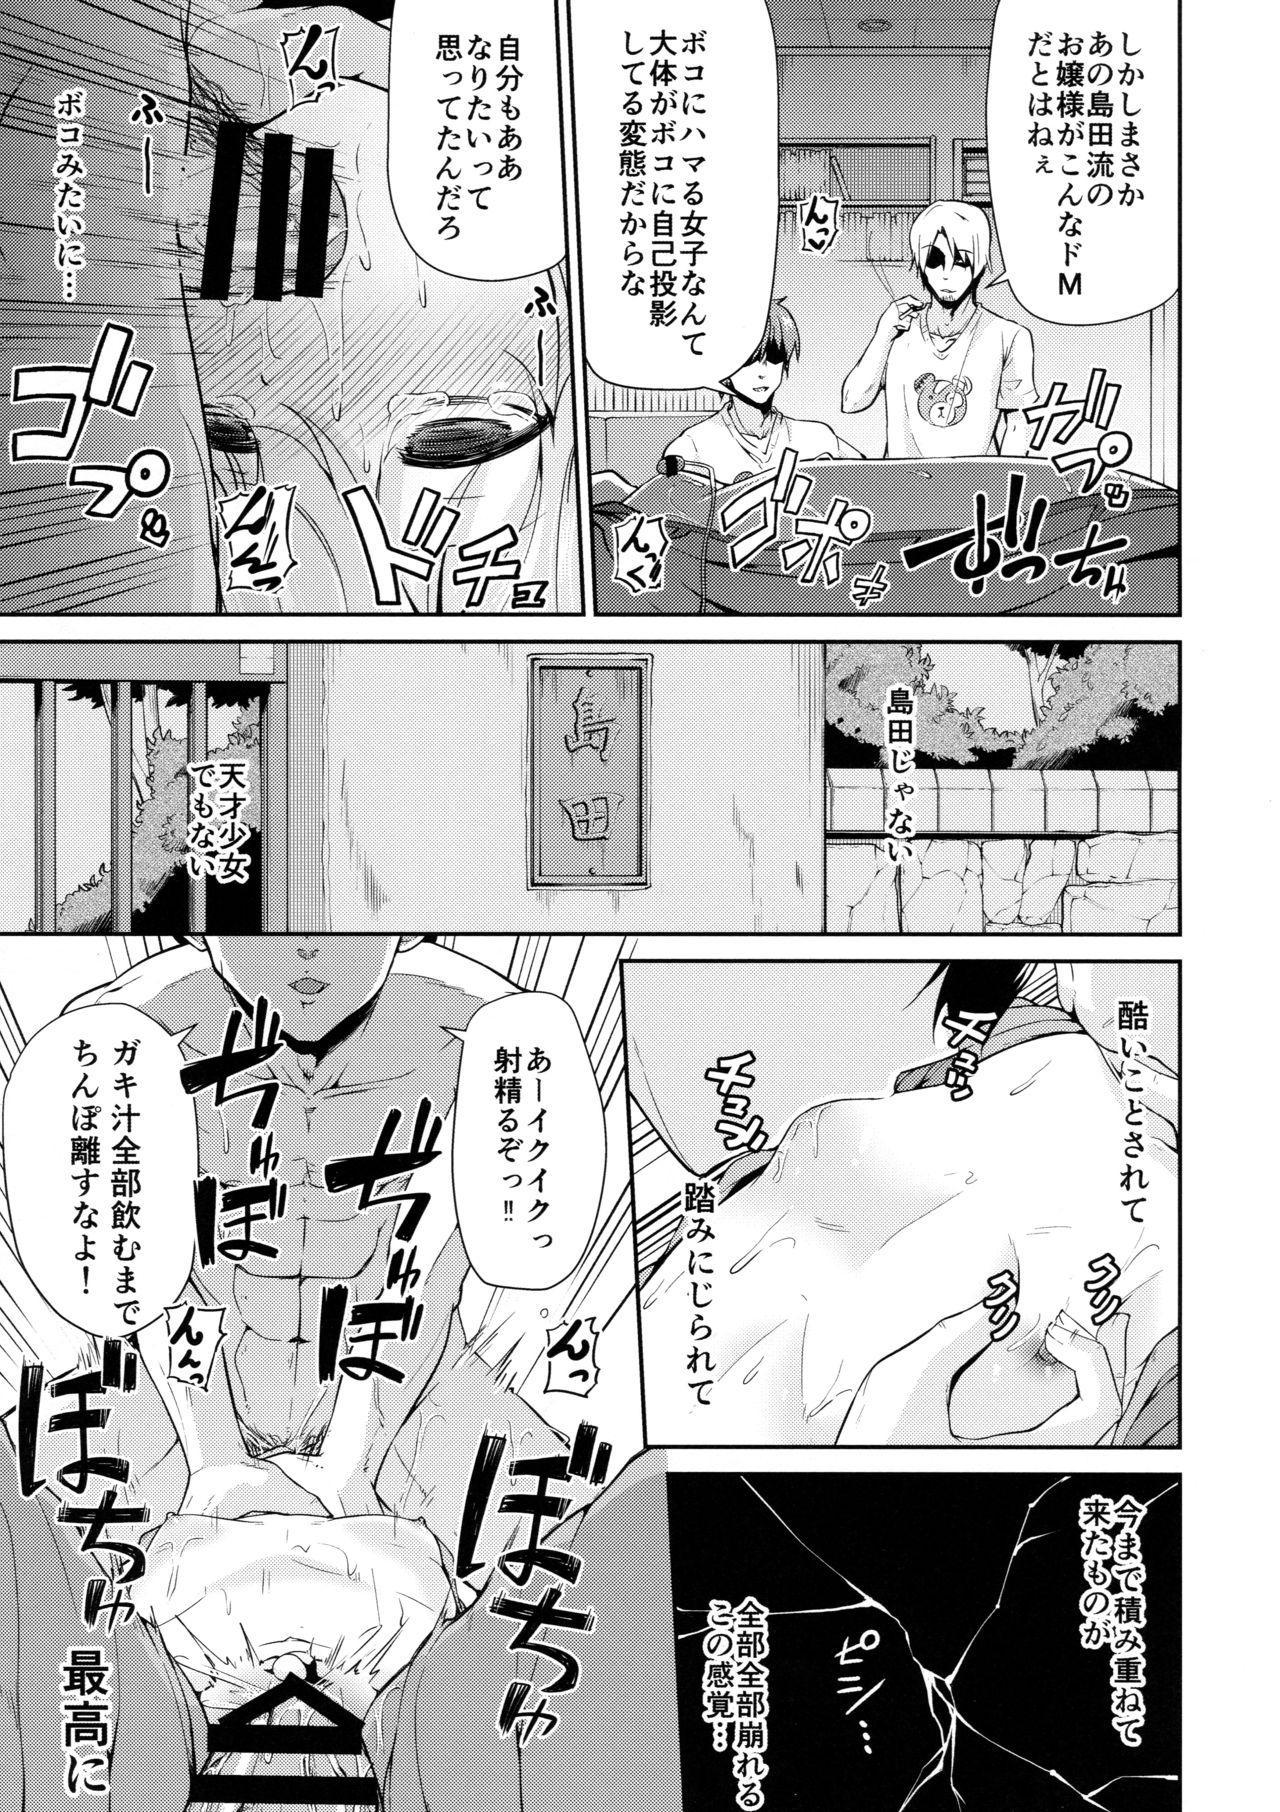 Boko! Boko! Arisu-chan 8